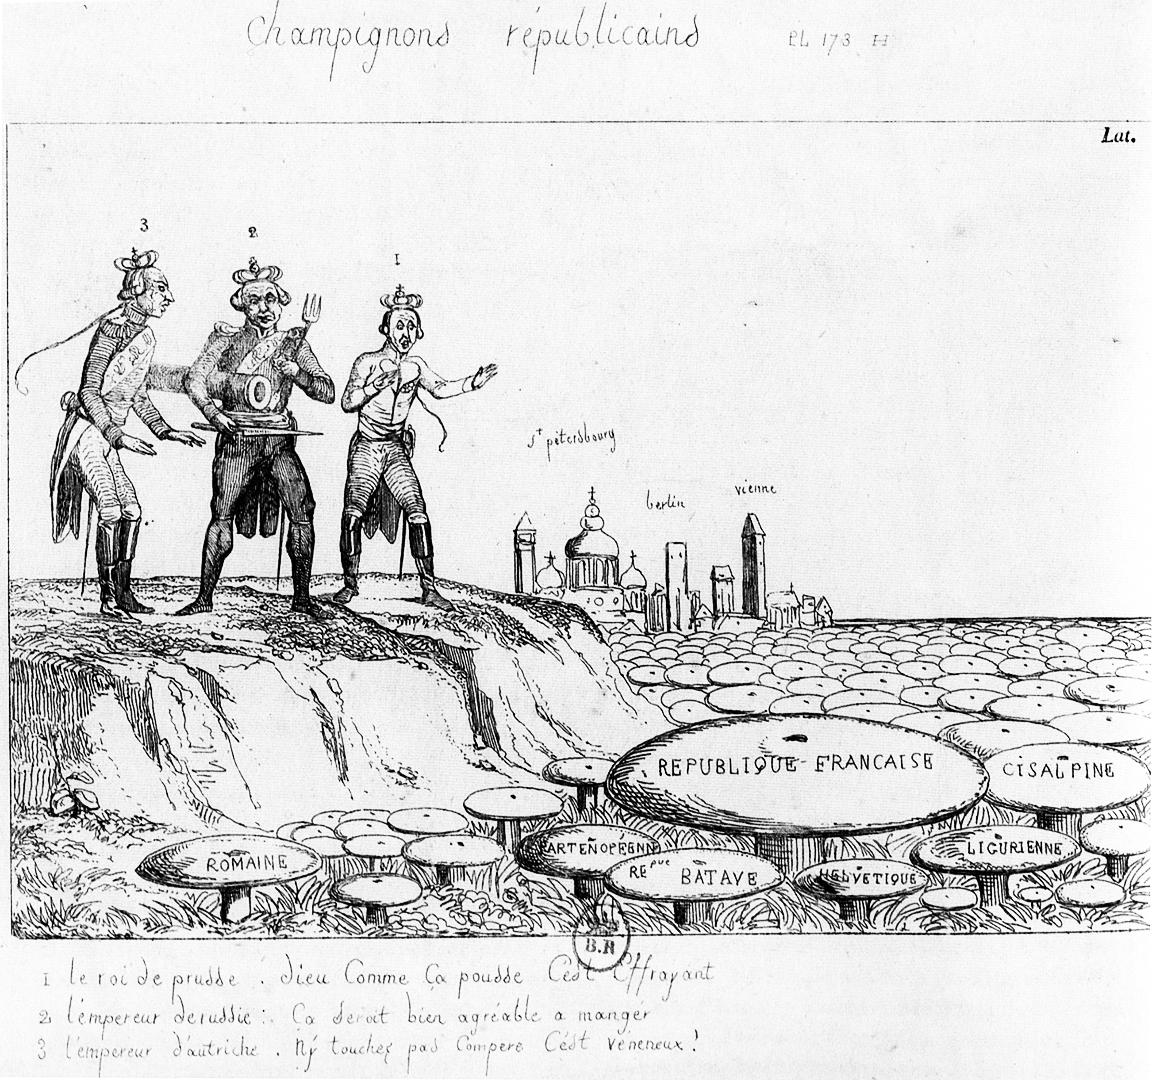 «Champignons républicains», hinten die Türme von St. Petersbourg, Berlin, Vienne. Karikatur aus Frankreich, um 1799.